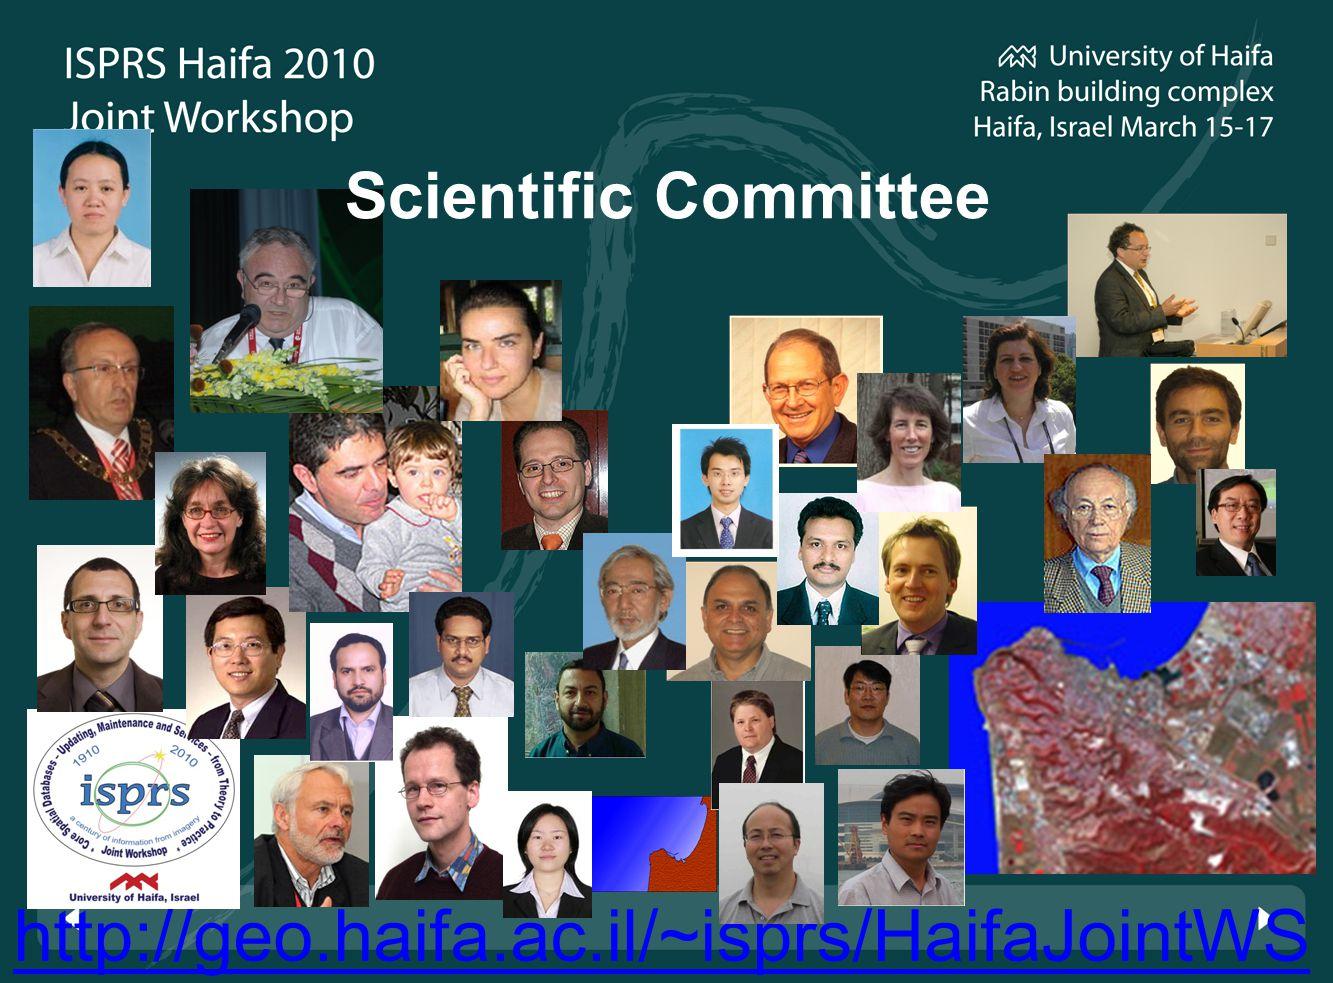 http://geo.haifa.ac.il/~isprs/HaifaJointWS Scientific Committee